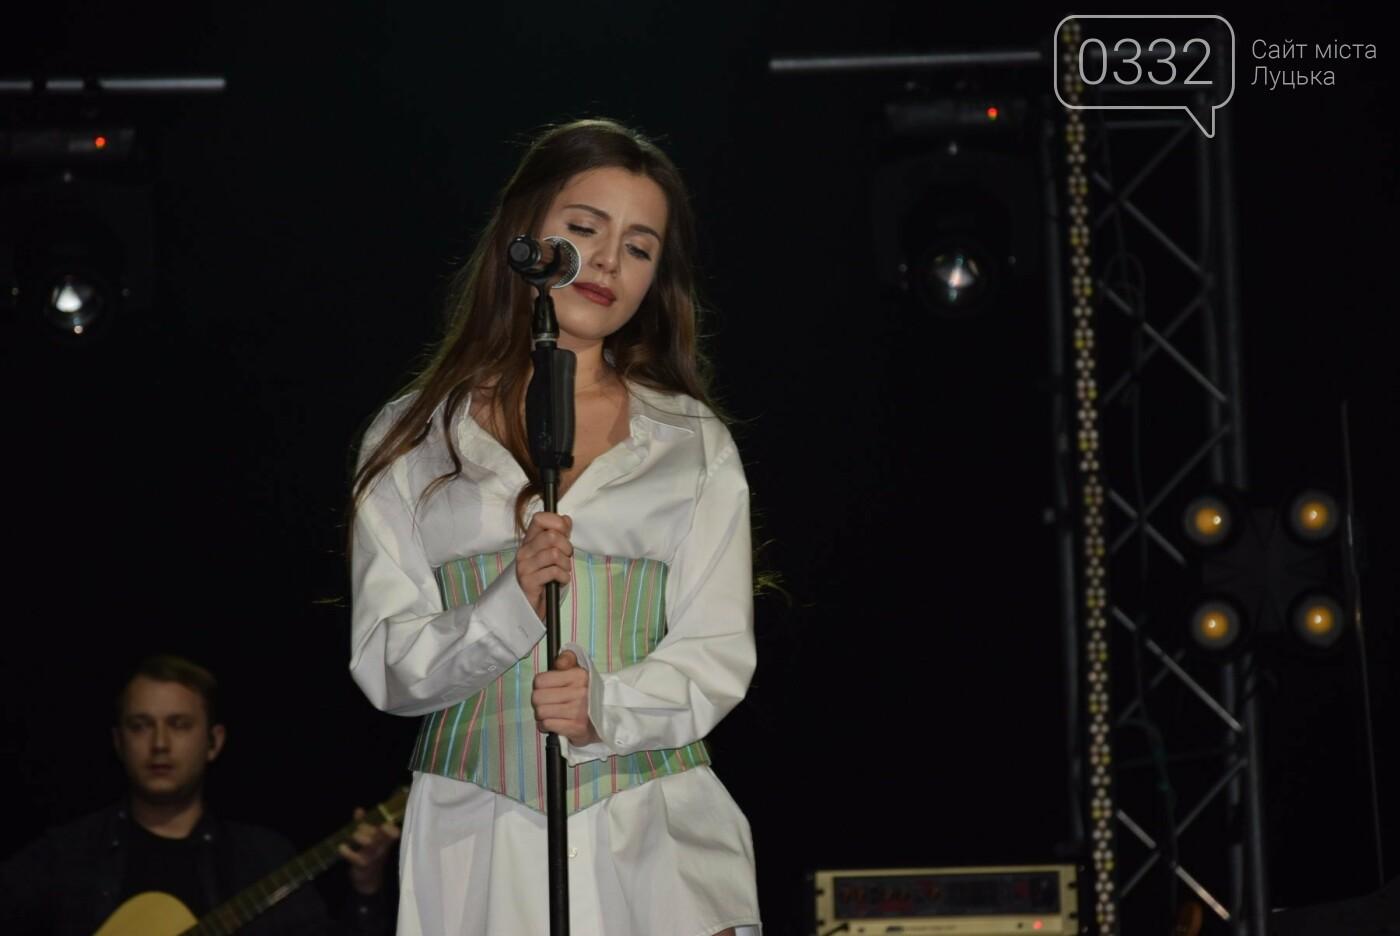 """""""Ось чому я не співаю веселих пісень"""", - Христина Соловій про Луцьк, творчість та історію (ФОТО) , фото-2"""